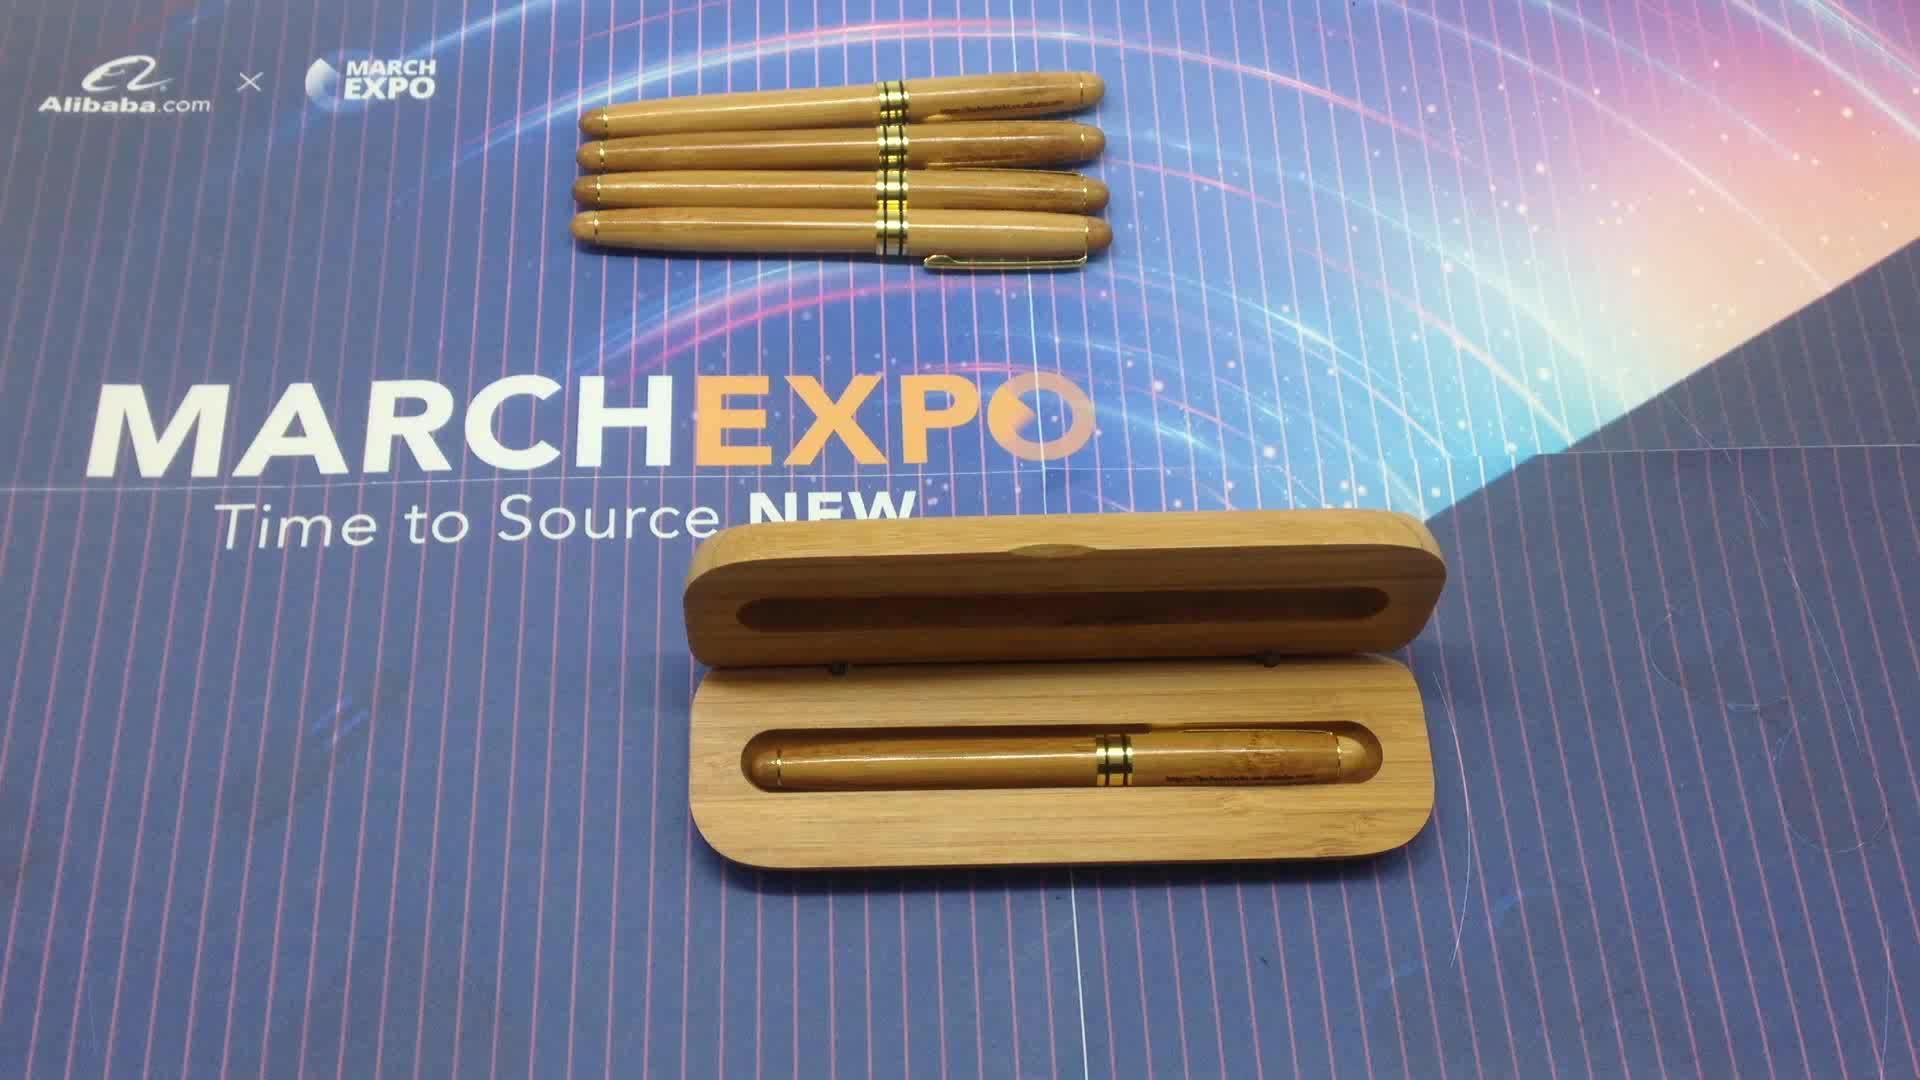 ส่งเสริมการขายโลโก้ที่กำหนดเองไม้ไผ่หรูประดิษฐ์ตัวอักษร Fountain ปากกา